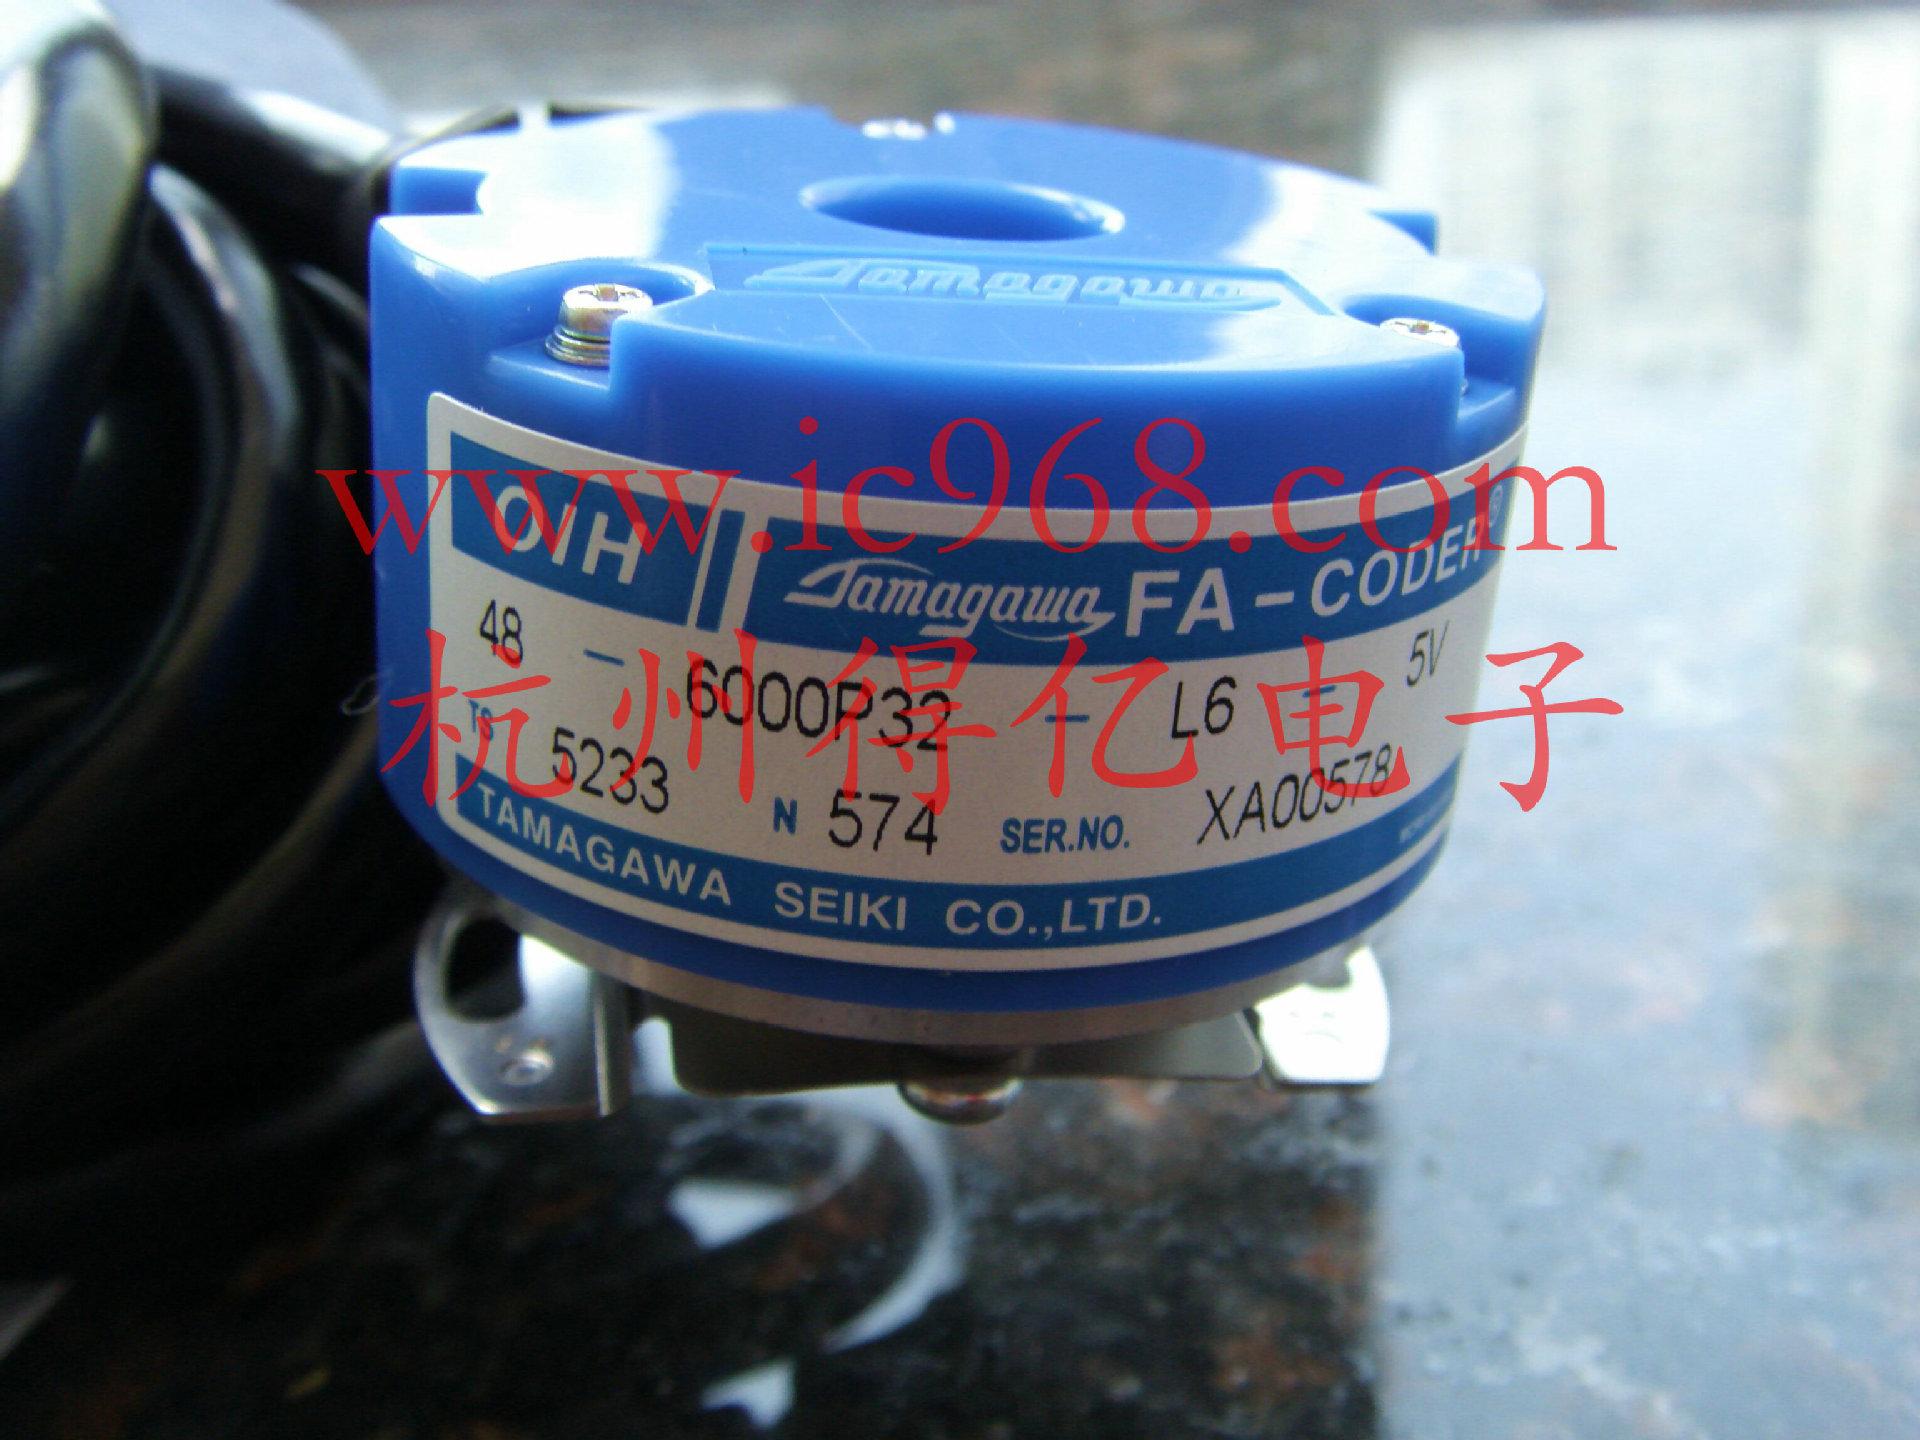 永大常规使用型号 永大电梯、吉亿电机用多摩川编码器TS5233N574; 外径:48mm,内孔:8mm,螺钉紧定,弹片连接; 脉冲:6000;级数:32级;信号输出:长线驱动UVWABZ,带反向信号,电压:DC5V